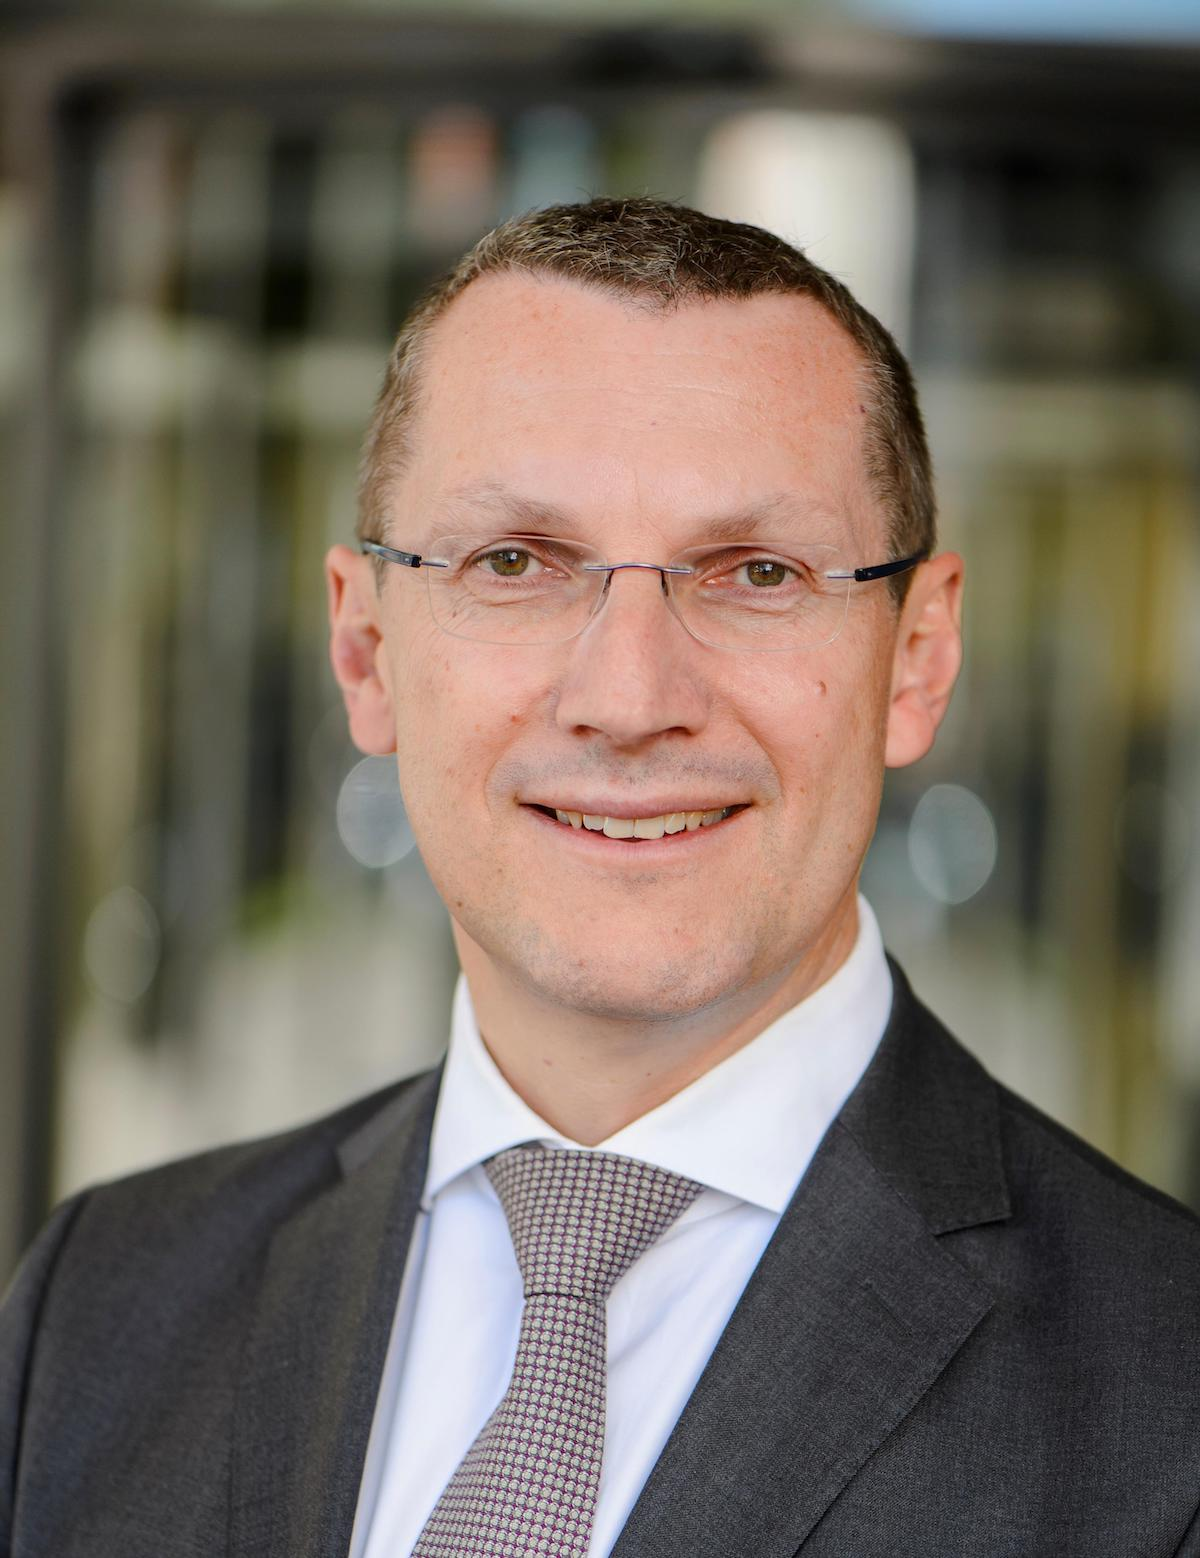 Bild von Dr. Karl-Martin Schellerer, Geschäftsführer der Vinnolit GmbH & Co. KG (Bild: Vinnolit)